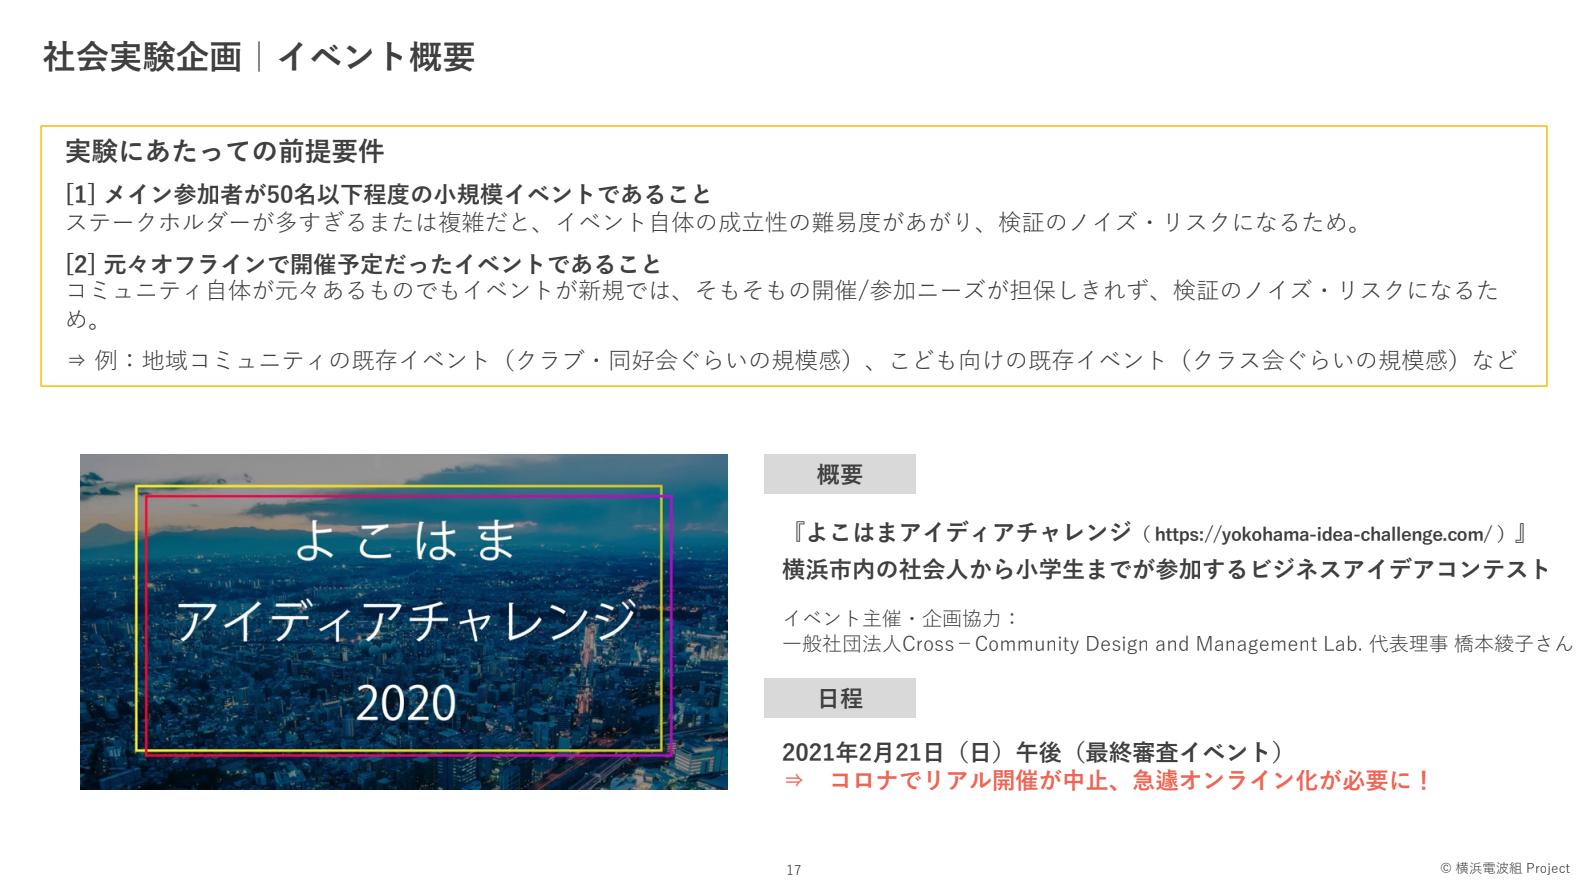 スクリーンショット 2021-03-26 16.19.46